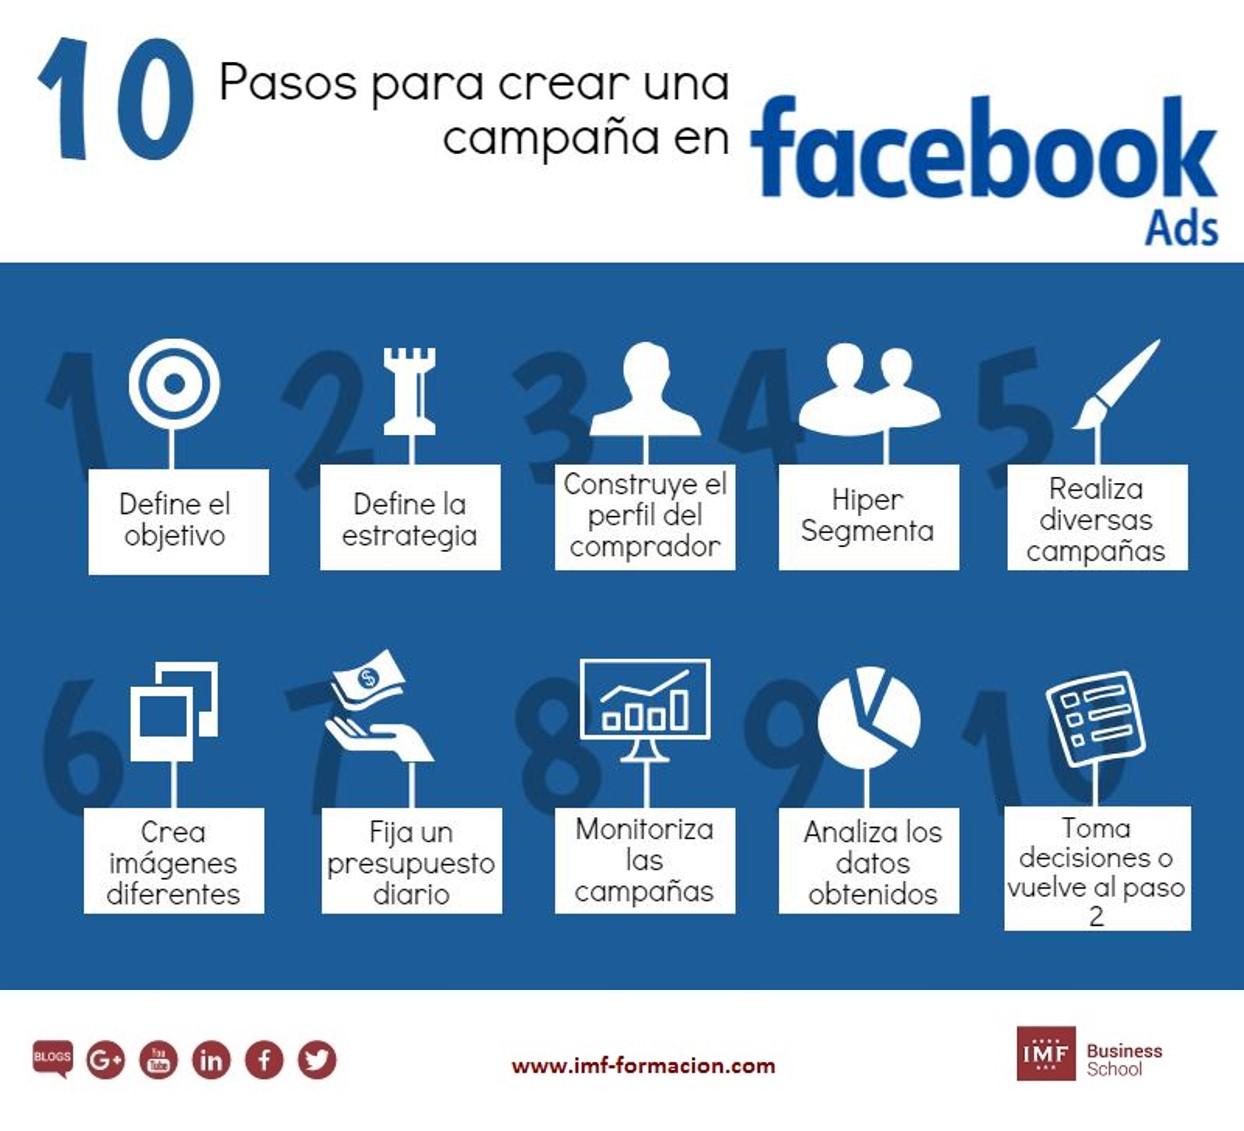 pasos campana facebook ads